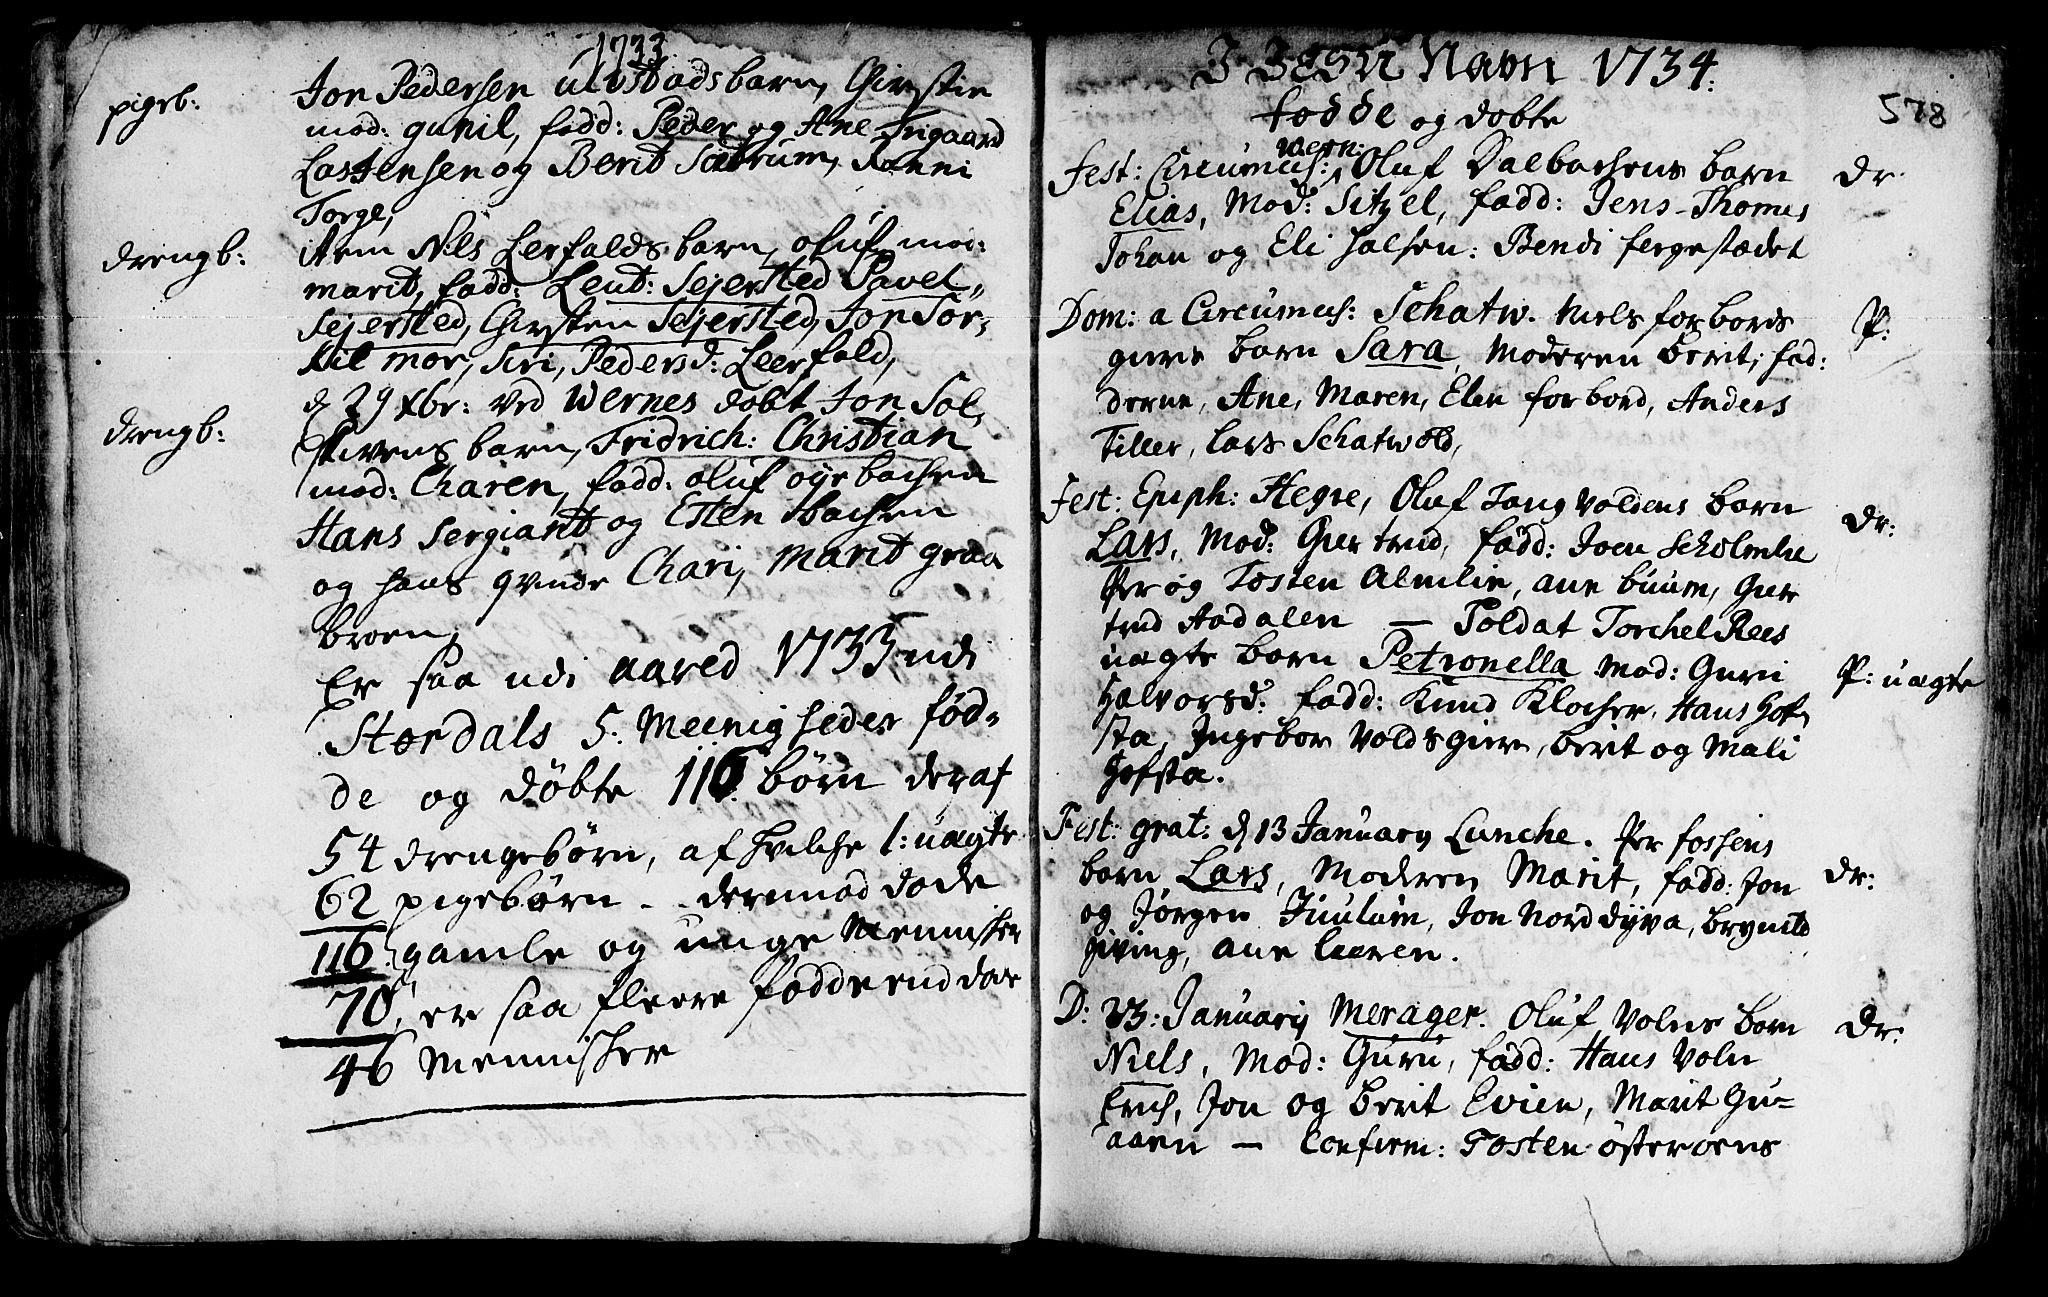 SAT, Ministerialprotokoller, klokkerbøker og fødselsregistre - Nord-Trøndelag, 709/L0055: Ministerialbok nr. 709A03, 1730-1739, s. 577-578